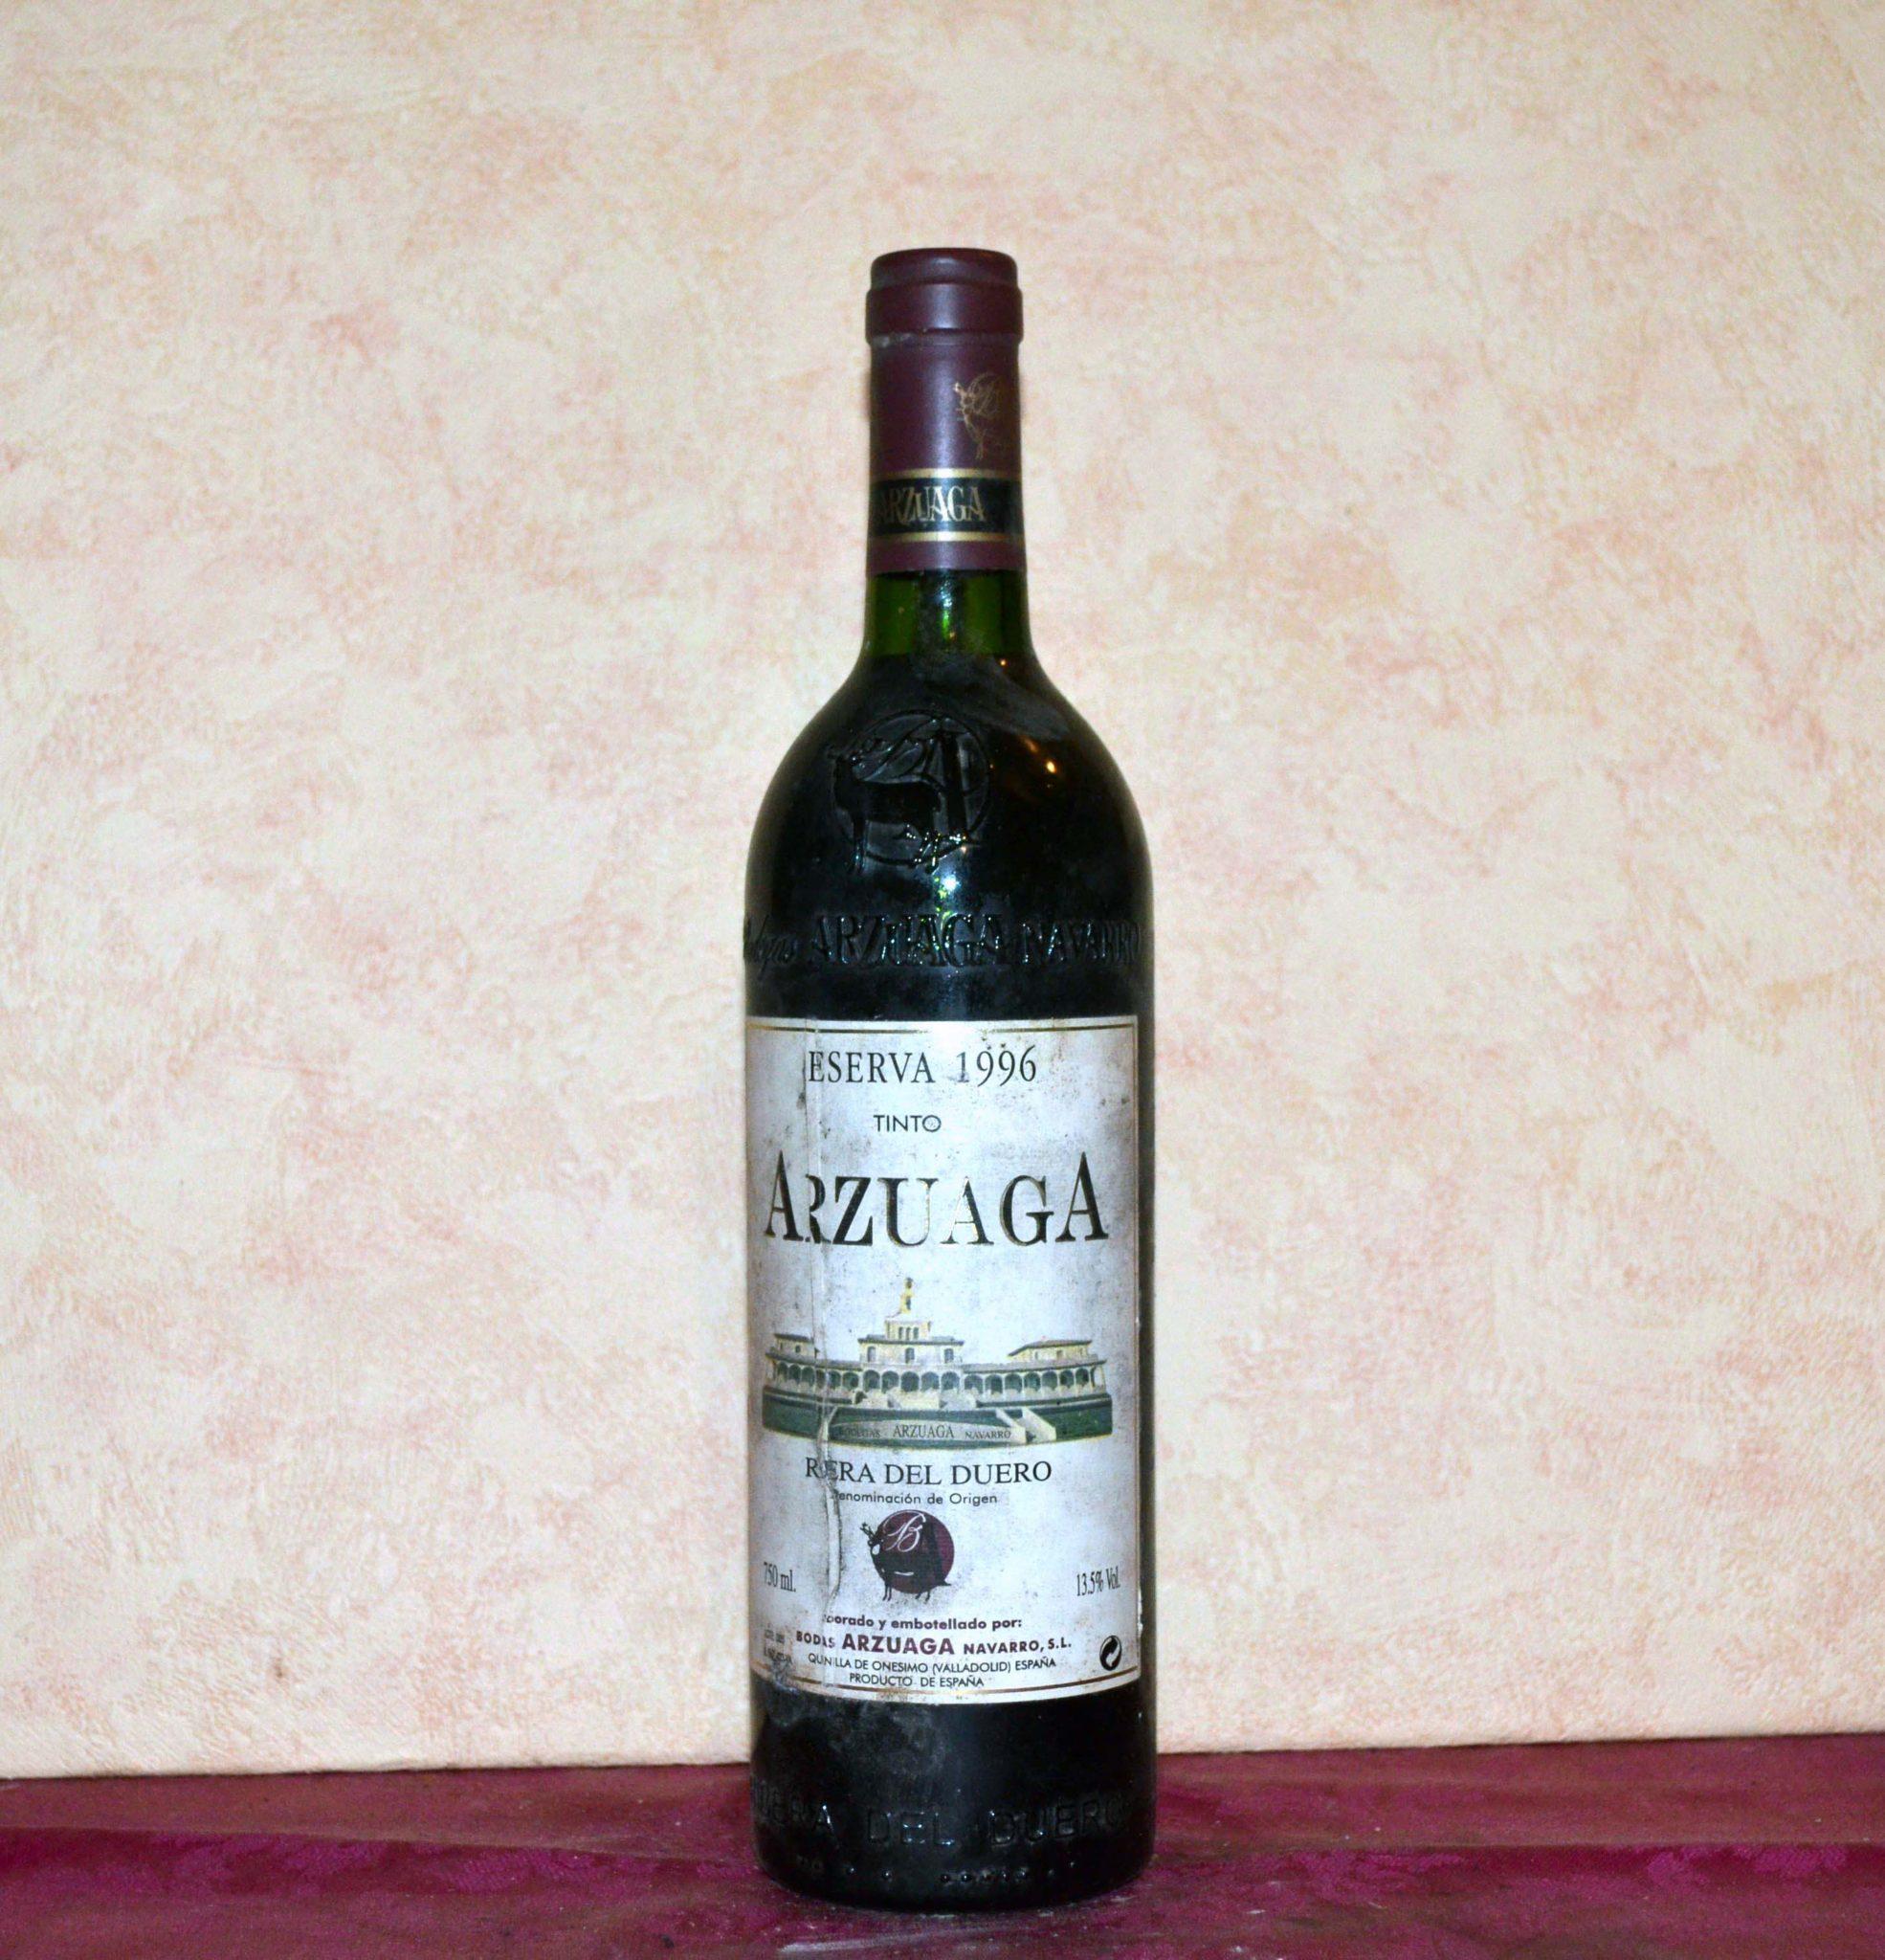 Arzuaga Reserva 1996